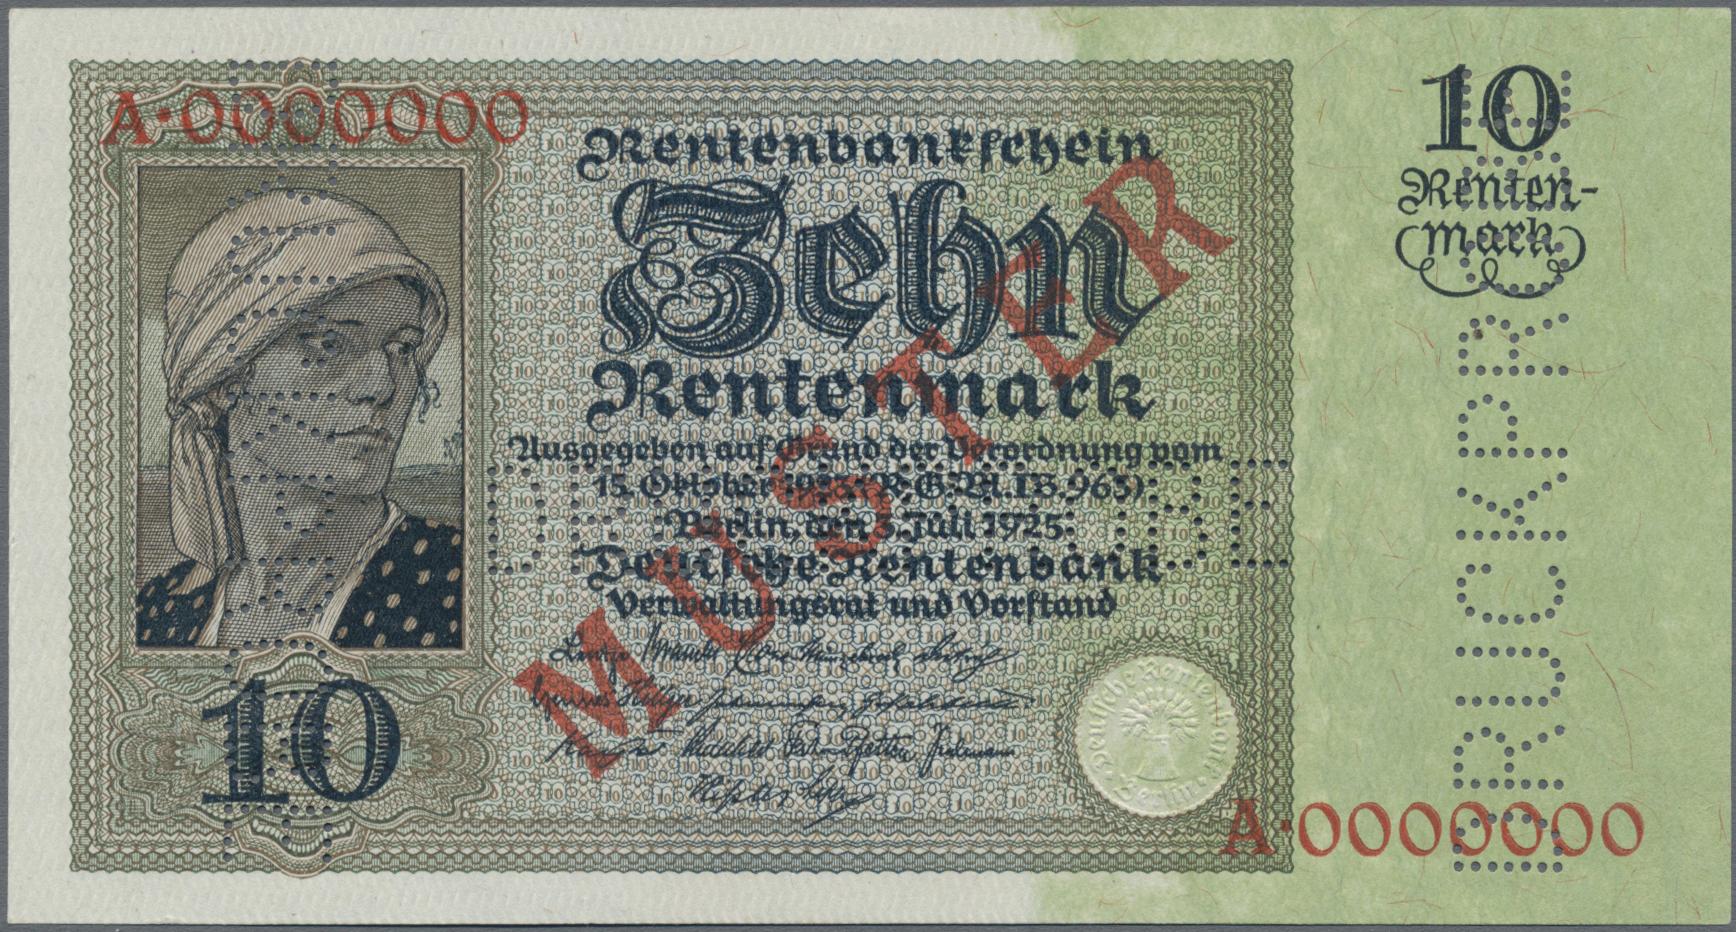 Lot 03361 - Deutschland - Deutsches Reich bis 1945 | Banknoten  -  Auktionshaus Christoph Gärtner GmbH & Co. KG Sale #45 Banknotes Germany/Numismatics